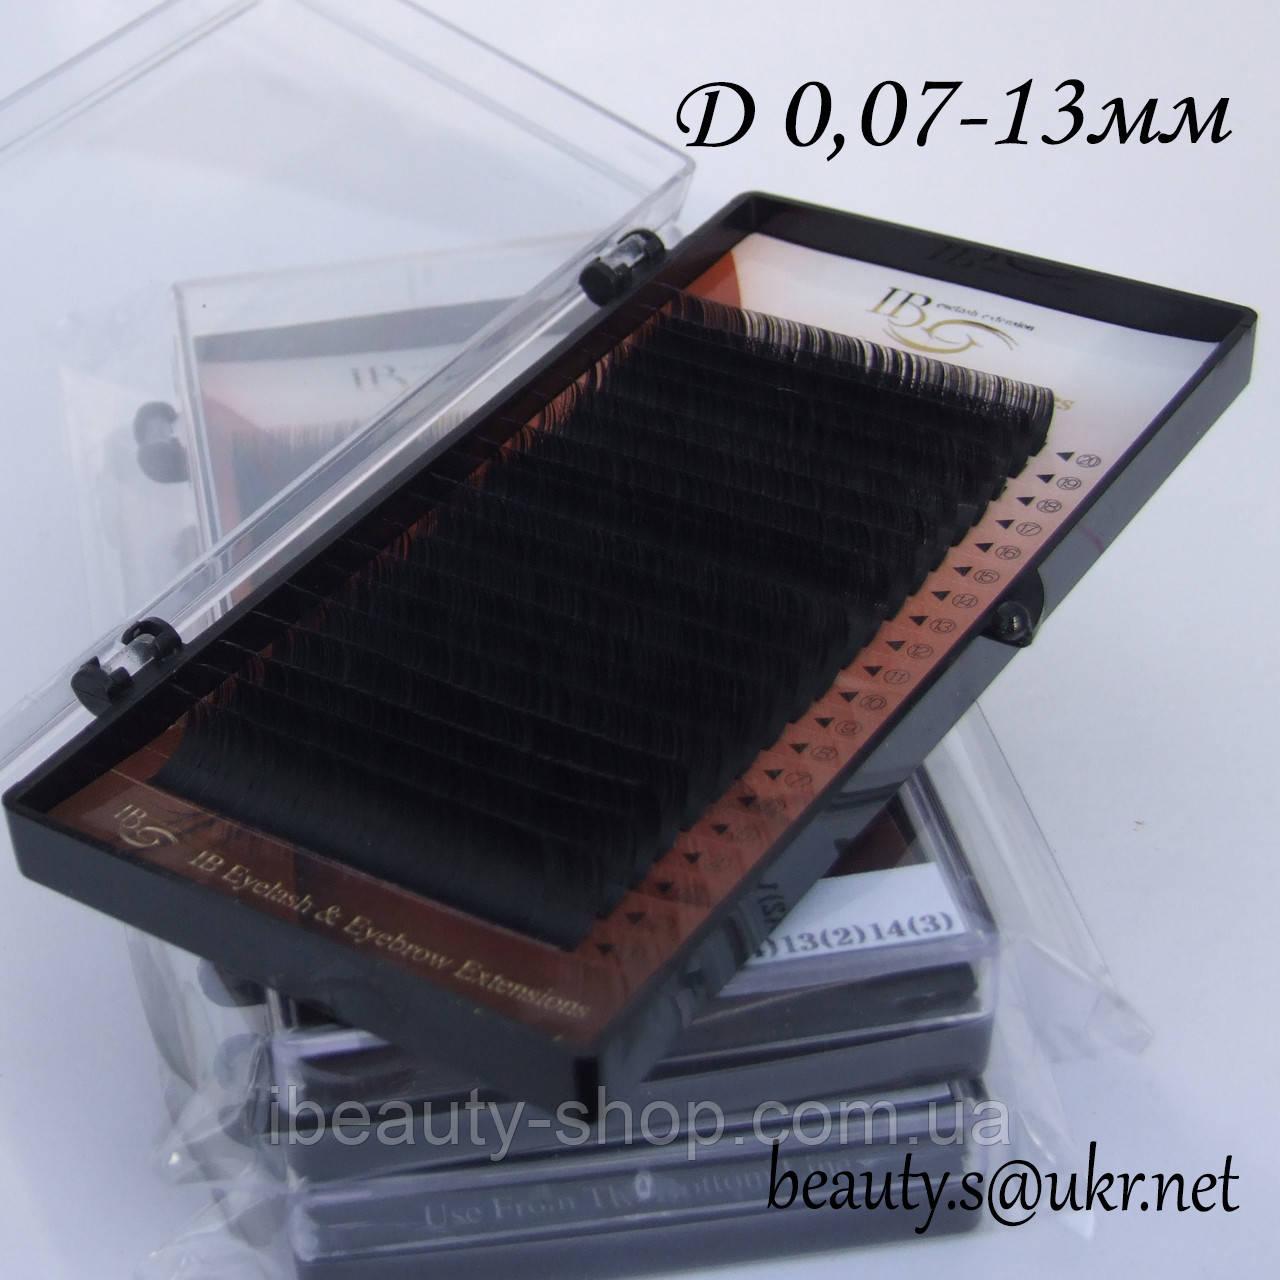 Ресницы  I-Beauty на ленте D-0,07 13мм